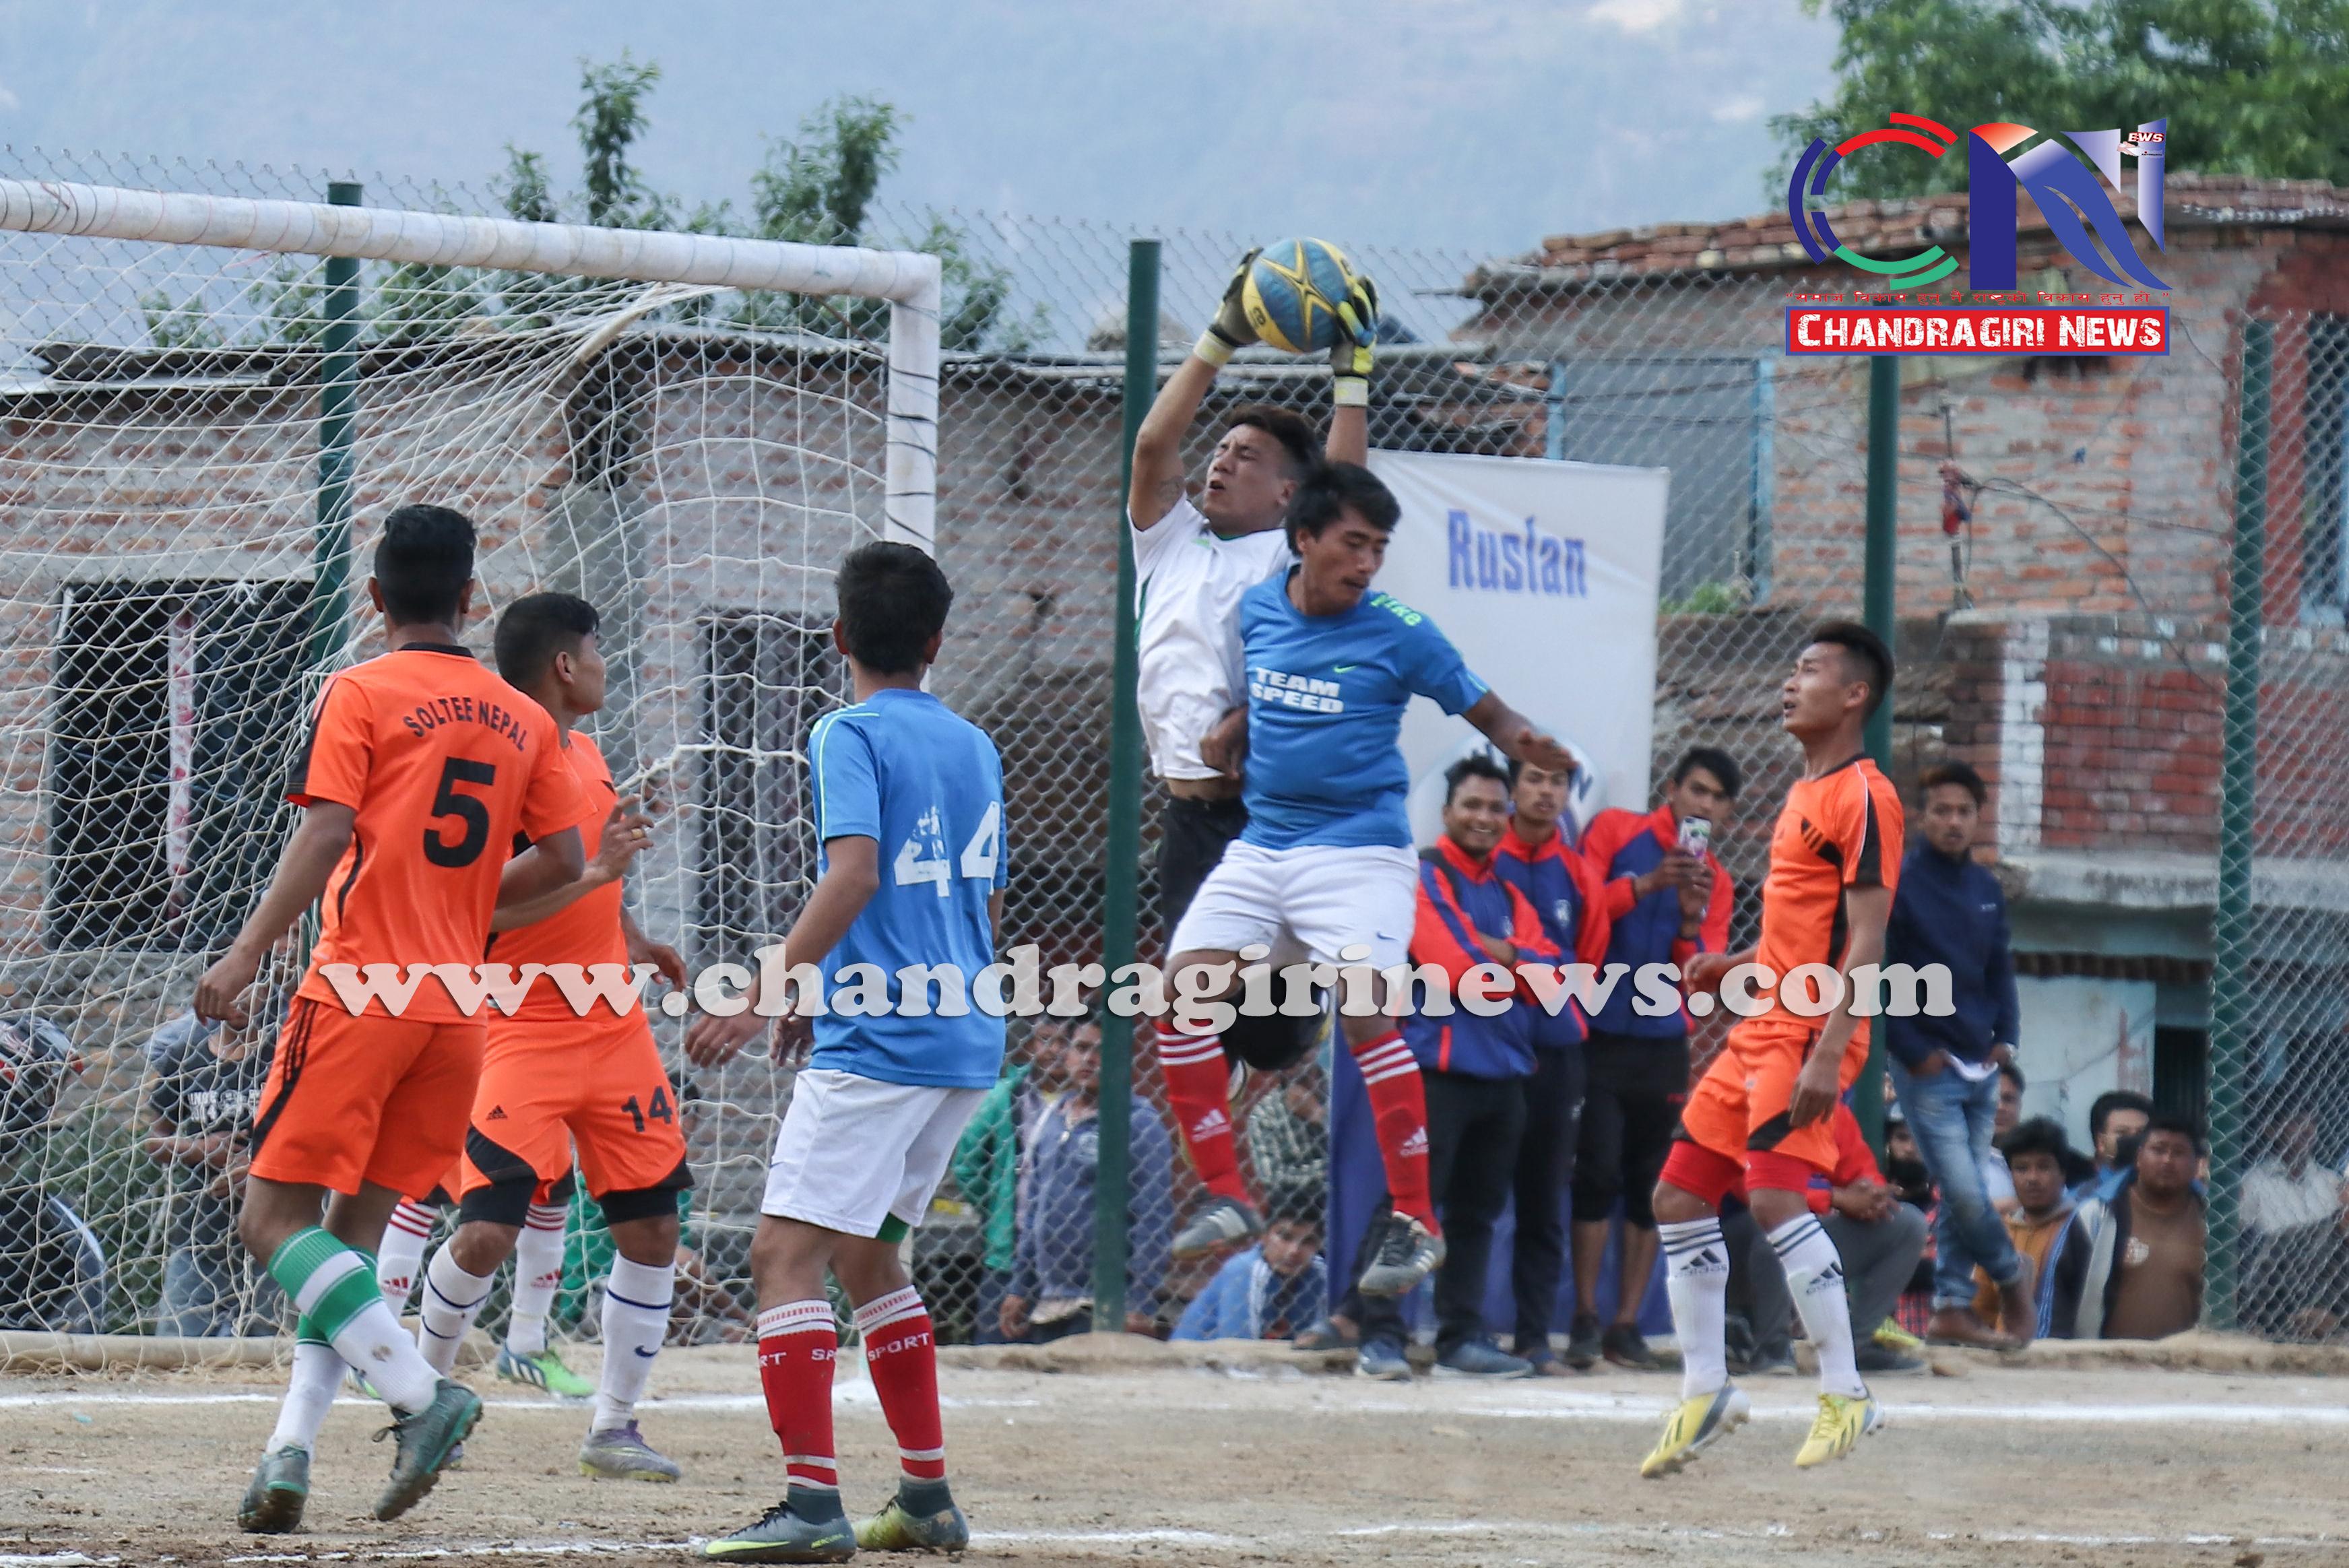 Chandragirinews western-united-final-6-1 नेपालय वइस्टर्न यूनाइटेड फुटबलको उपाधि टिम स्पिड न्यूरोडलाई खेलकुद ब्रेकिंग न्युज मुख्य    chandragiri